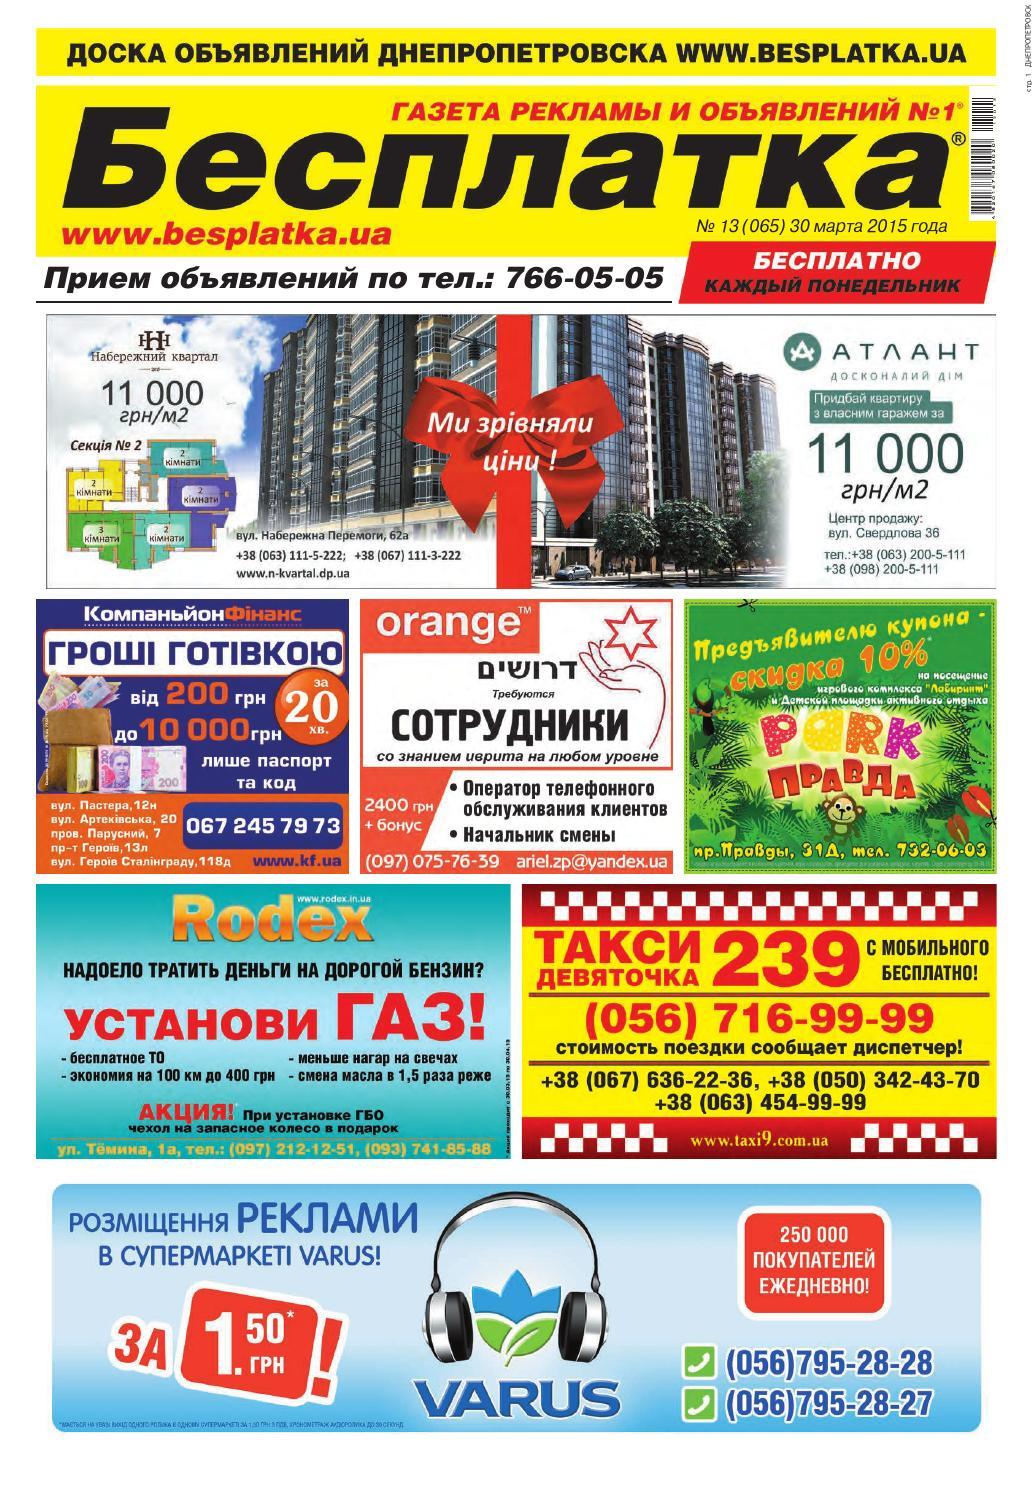 412b214f9db3 Besplatka dnepropetrovsk 30 03 2015 by besplatka ukraine - issuu